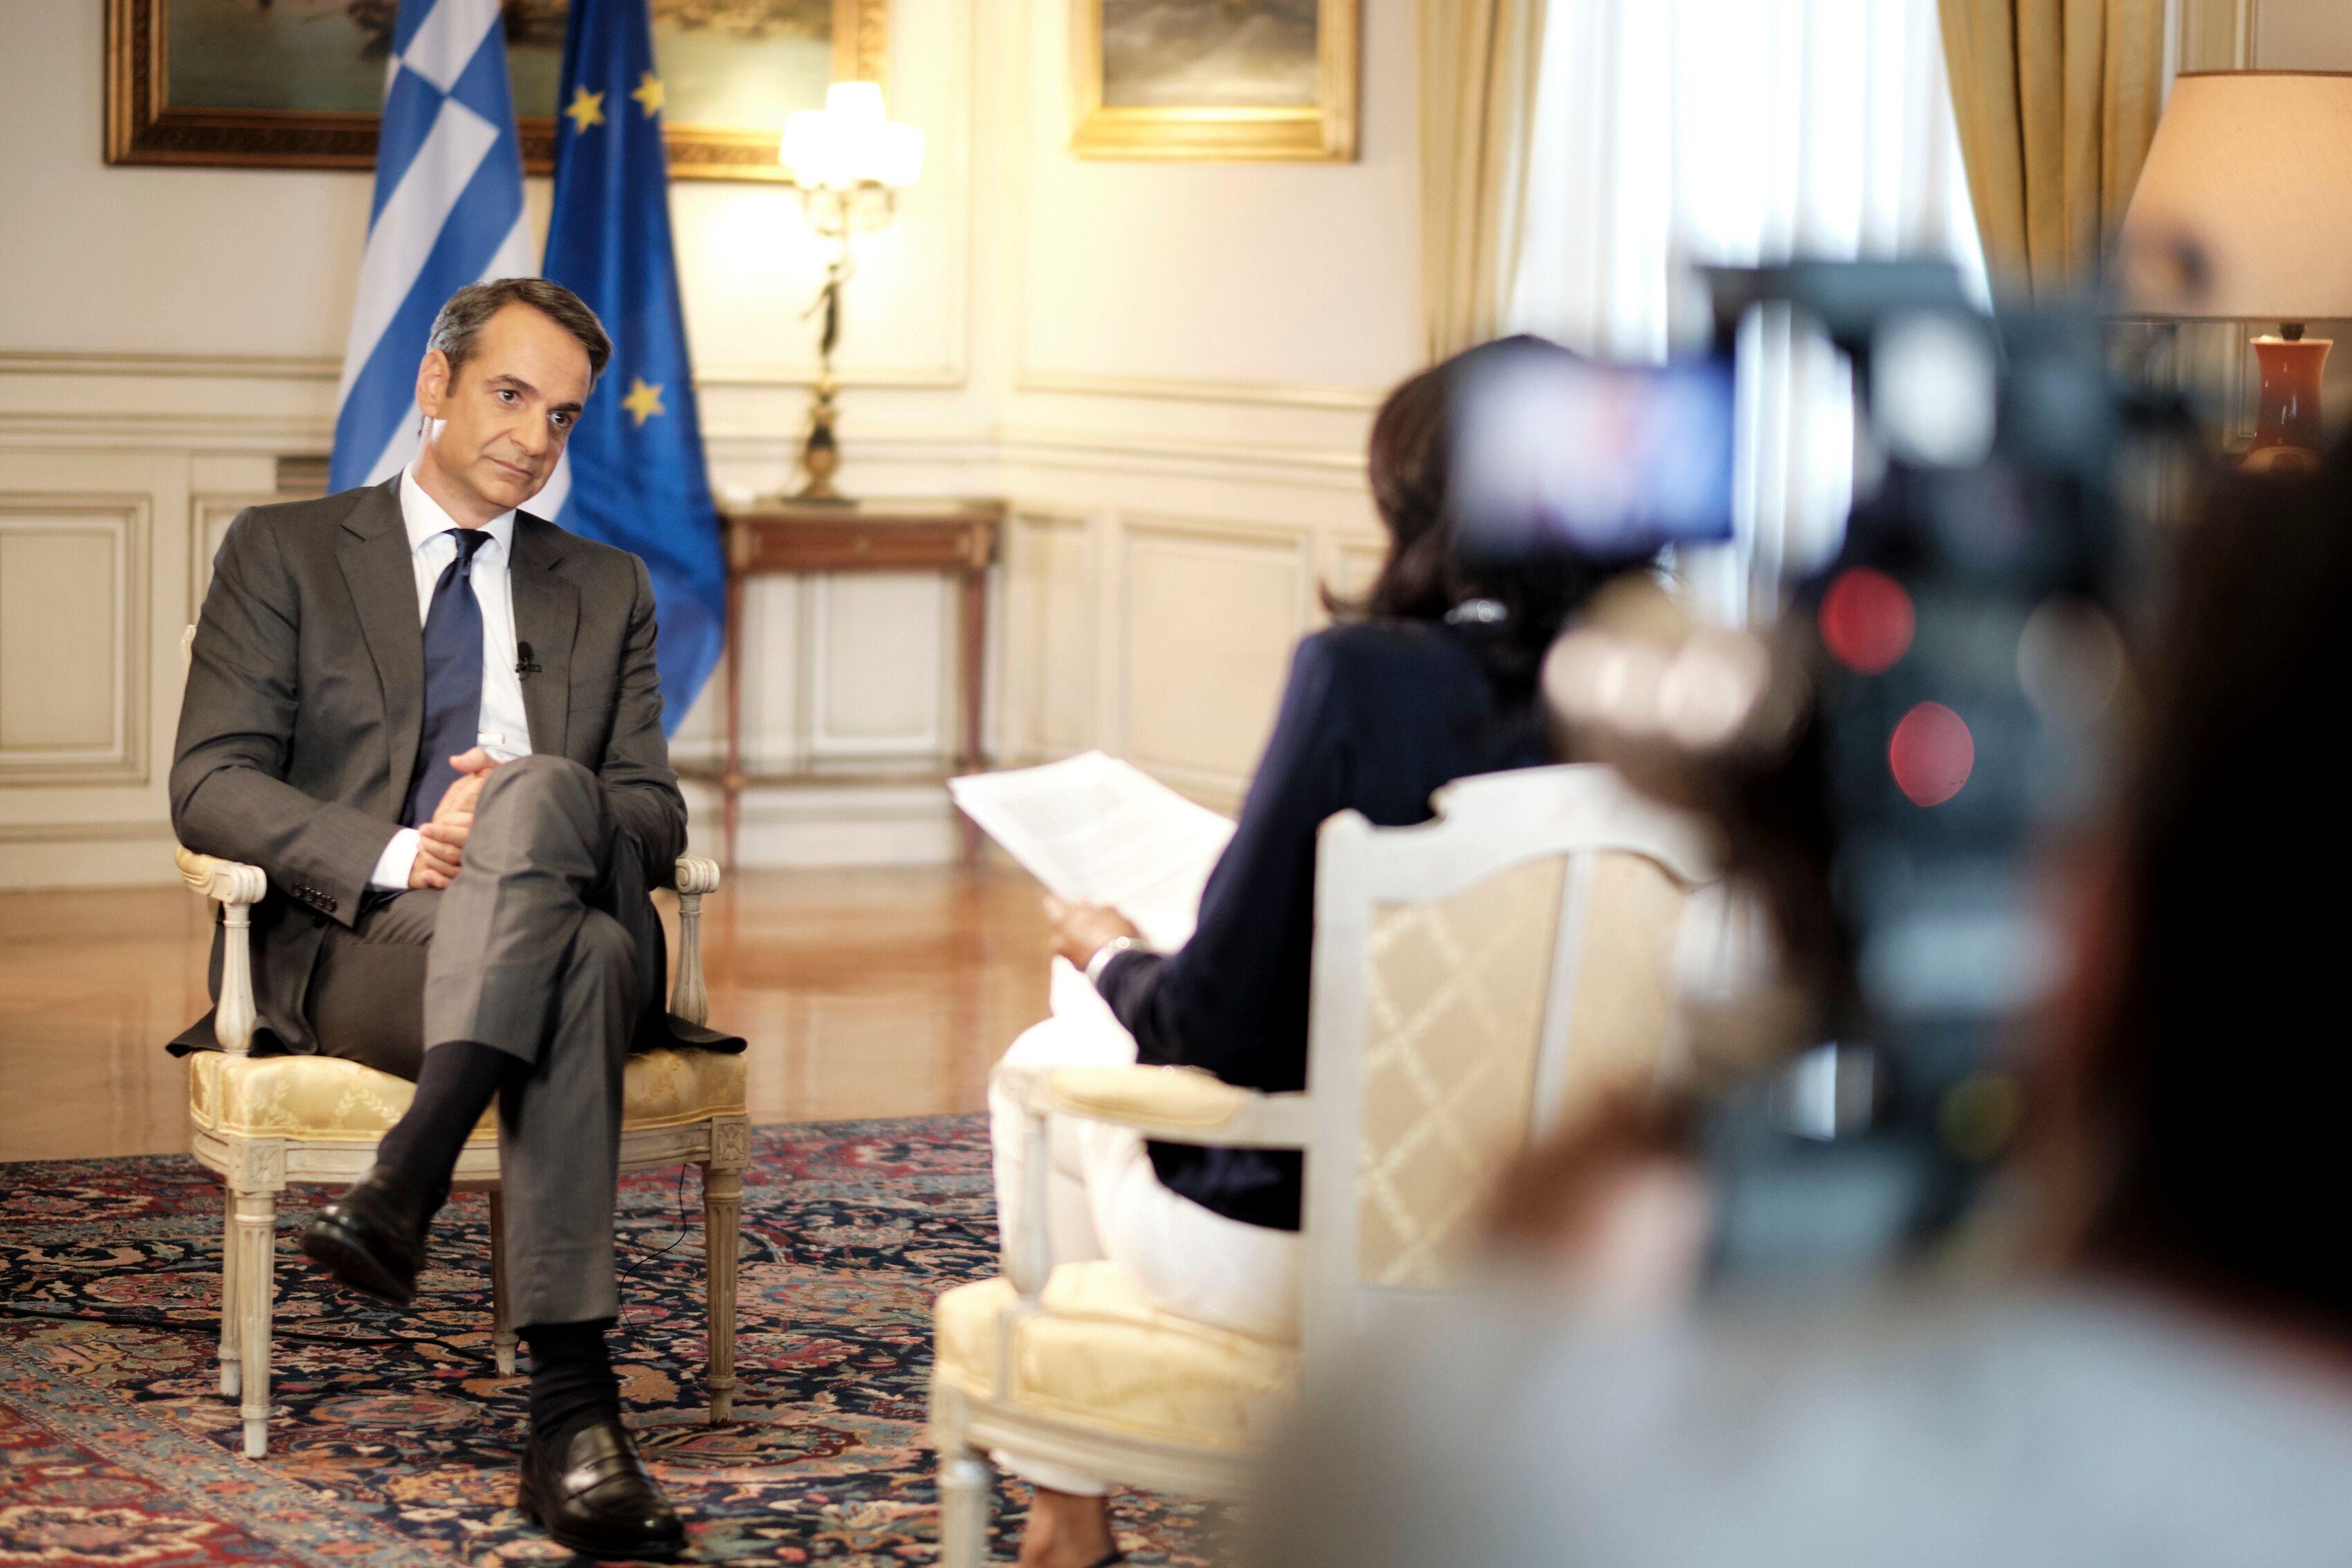 O Κυριάκος Μητσοτάκης έδωσε την πρώτη του τηλεοπτική συνέντευξη ως πρωθυπουργός στο BBC